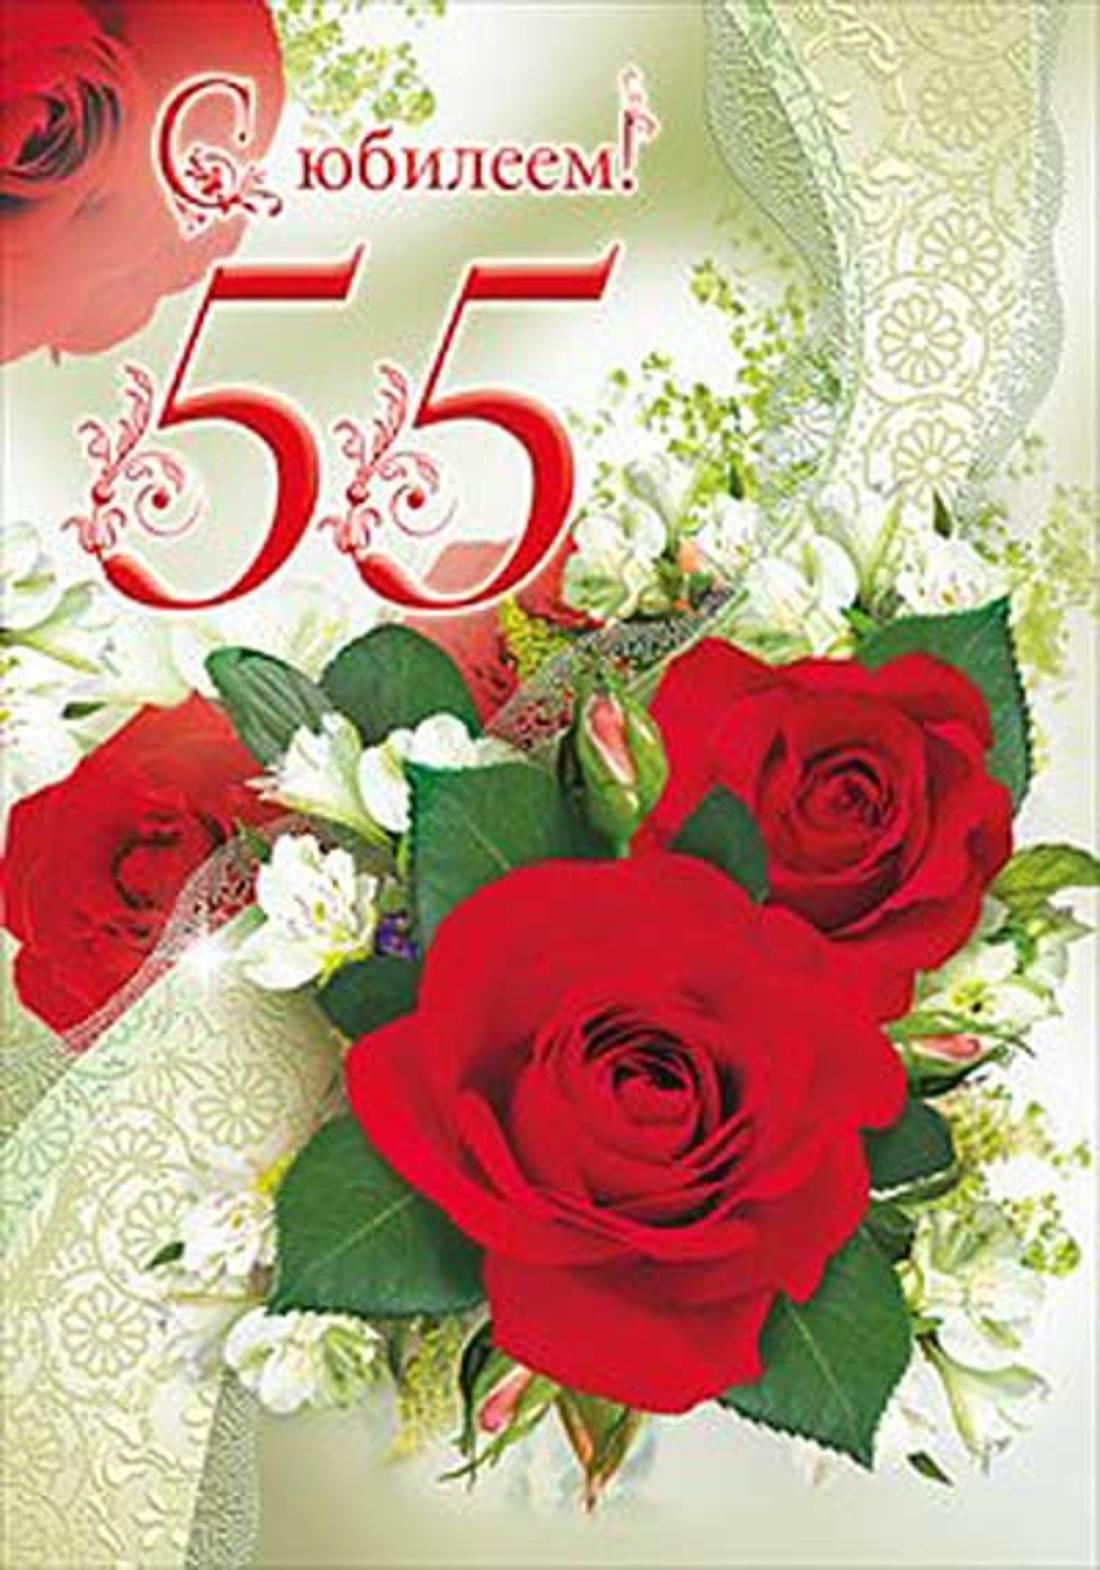 Поздравления 55 лет фото